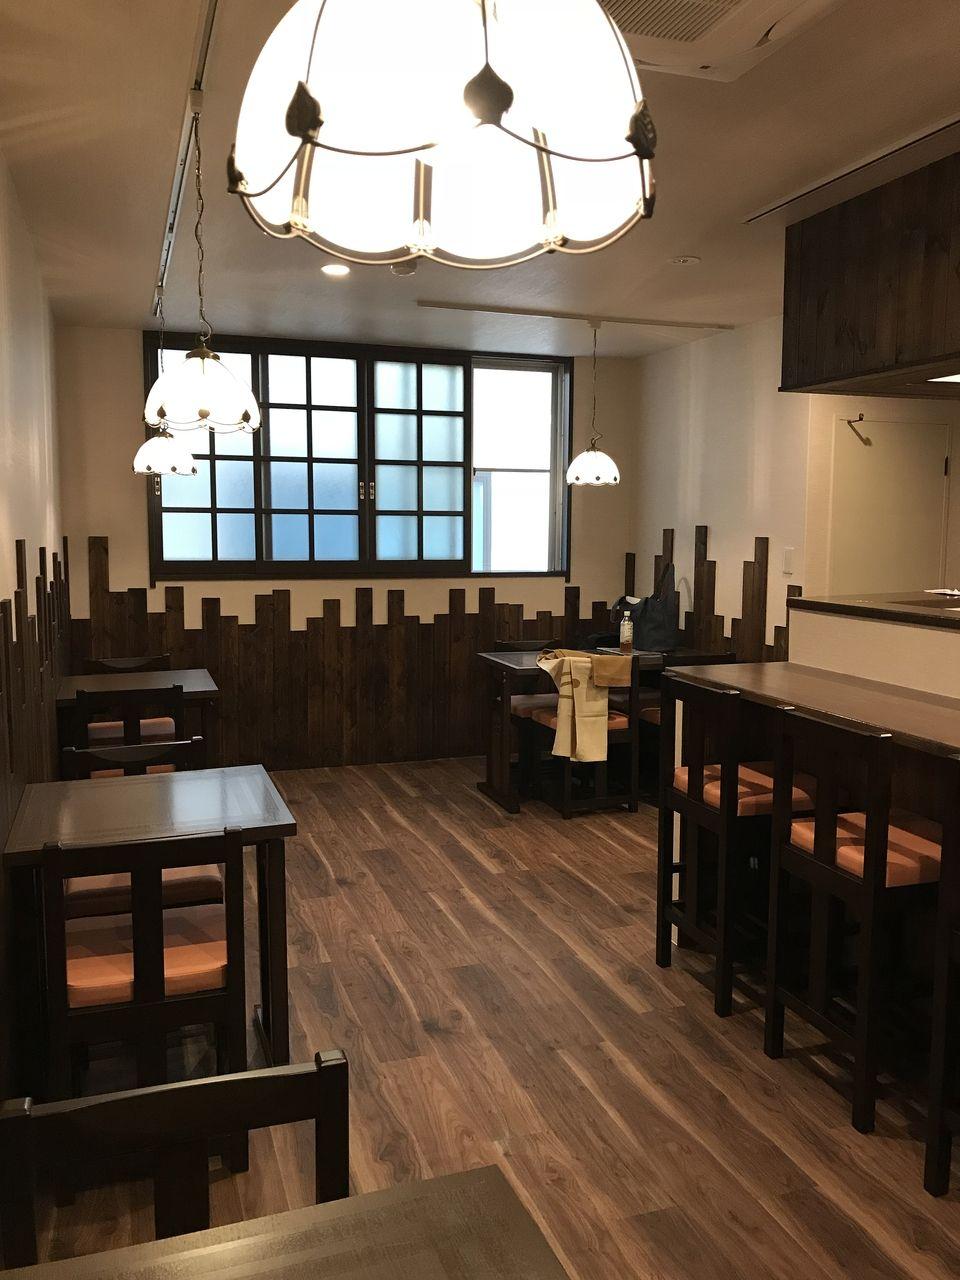 流山市江戸川台に近日オープン予定の居酒屋さんです